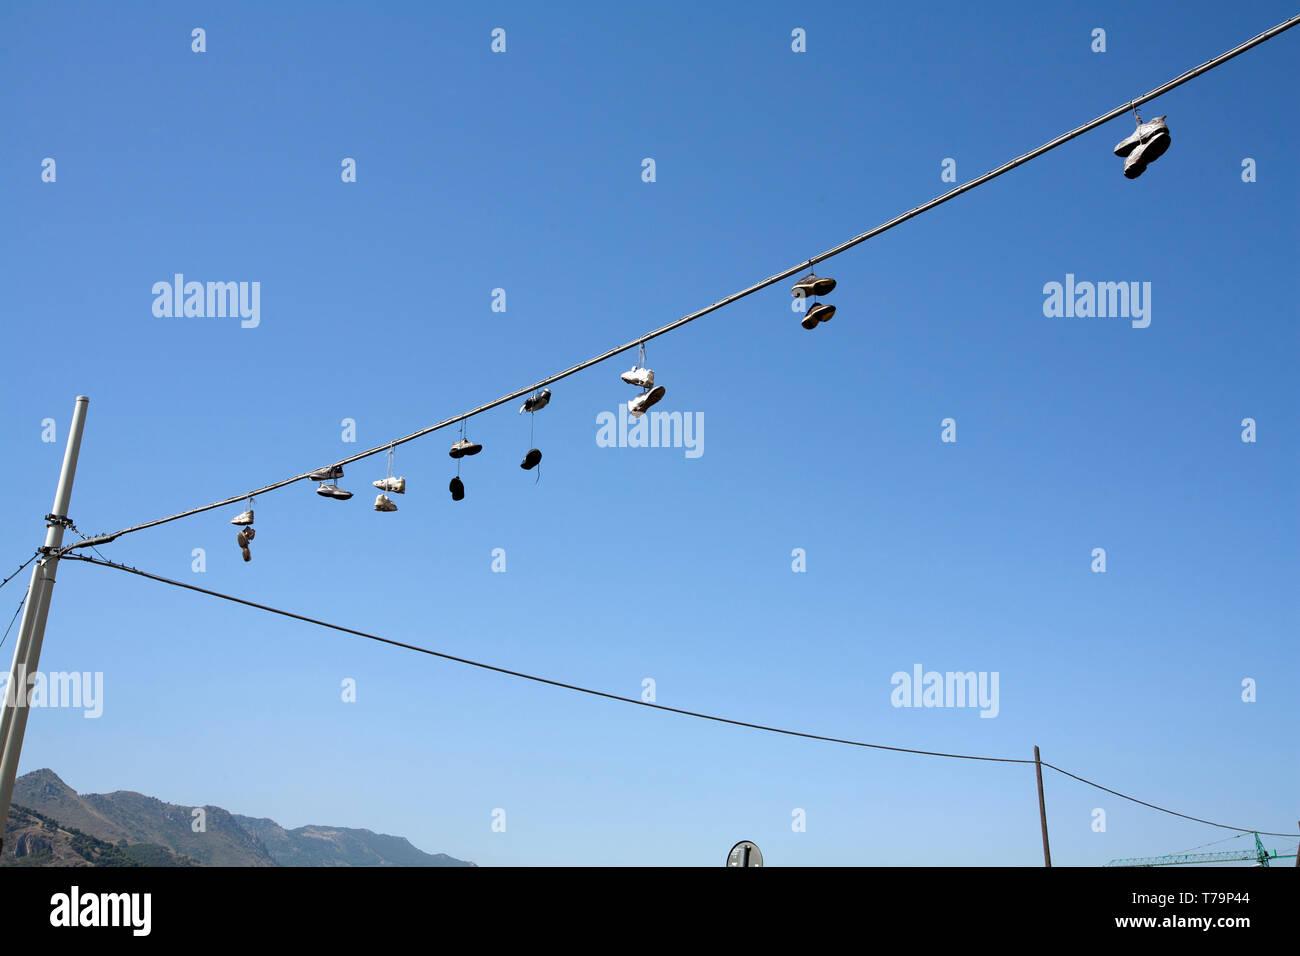 Schuhe hängen von Telefonleitungen als internationales